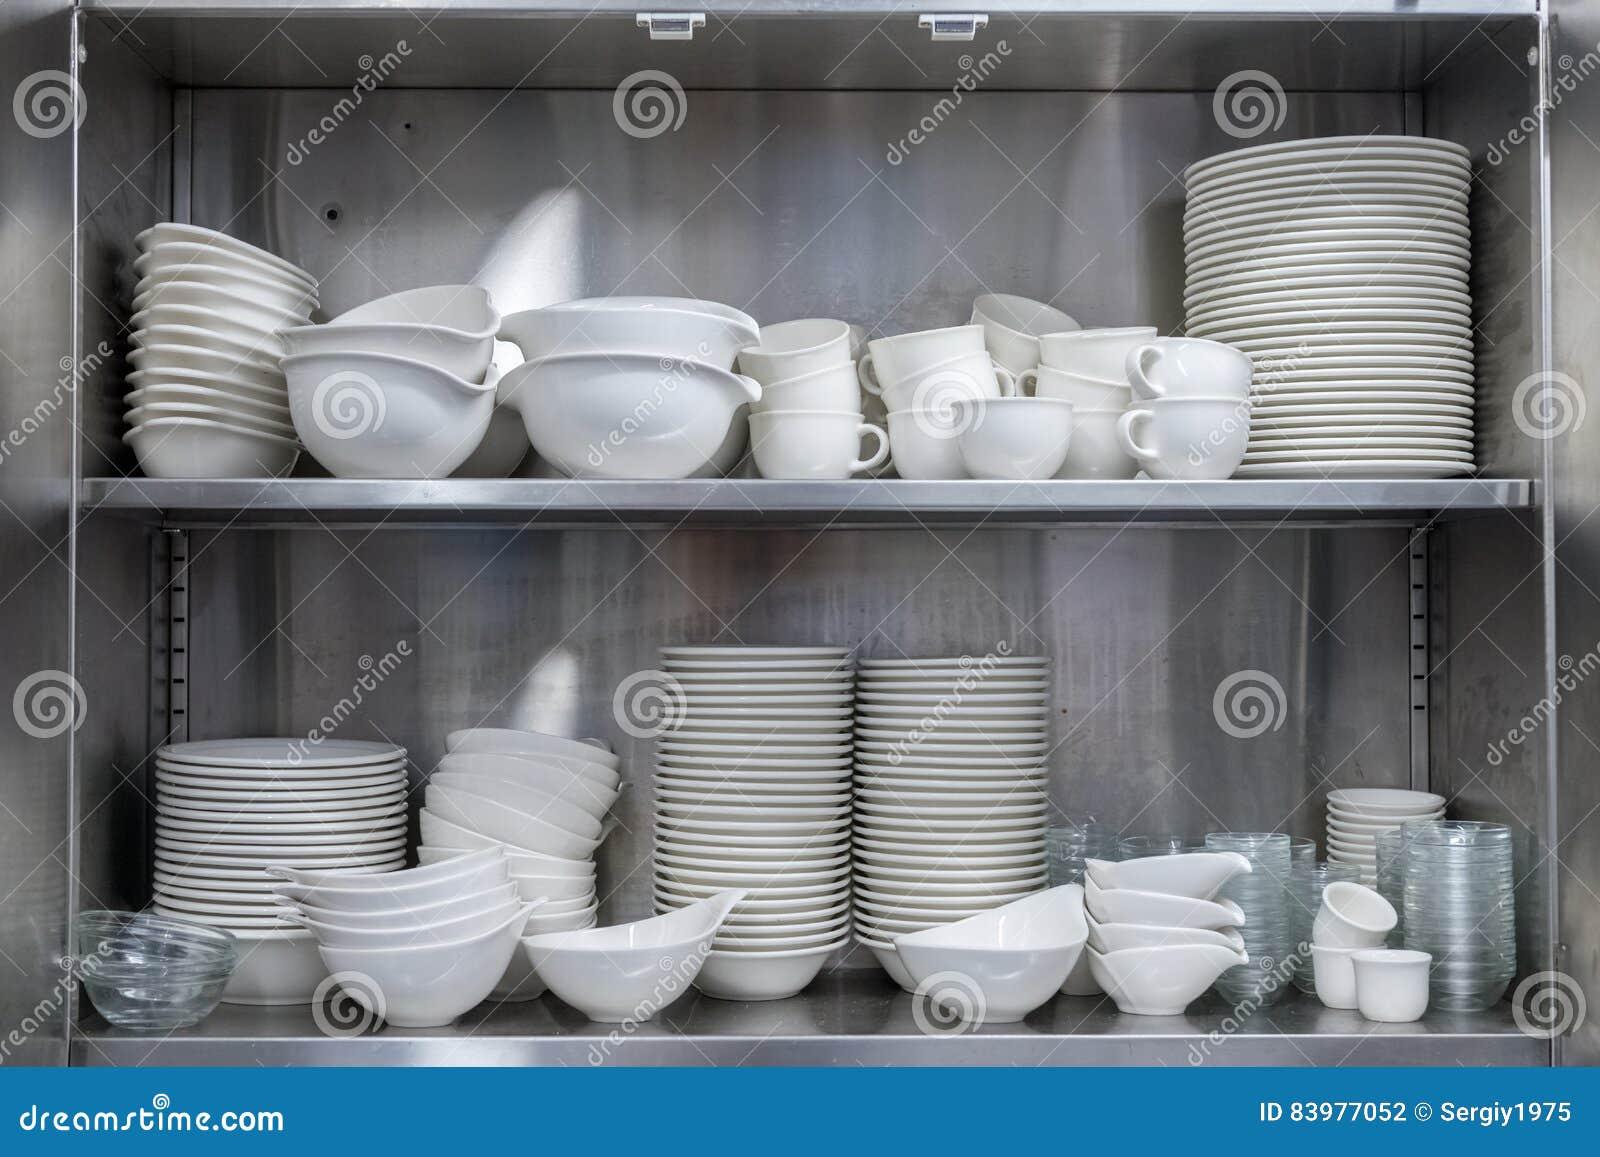 Geräte im Küchenschrank stockfoto. Bild von dekor, zuhause - 83977052